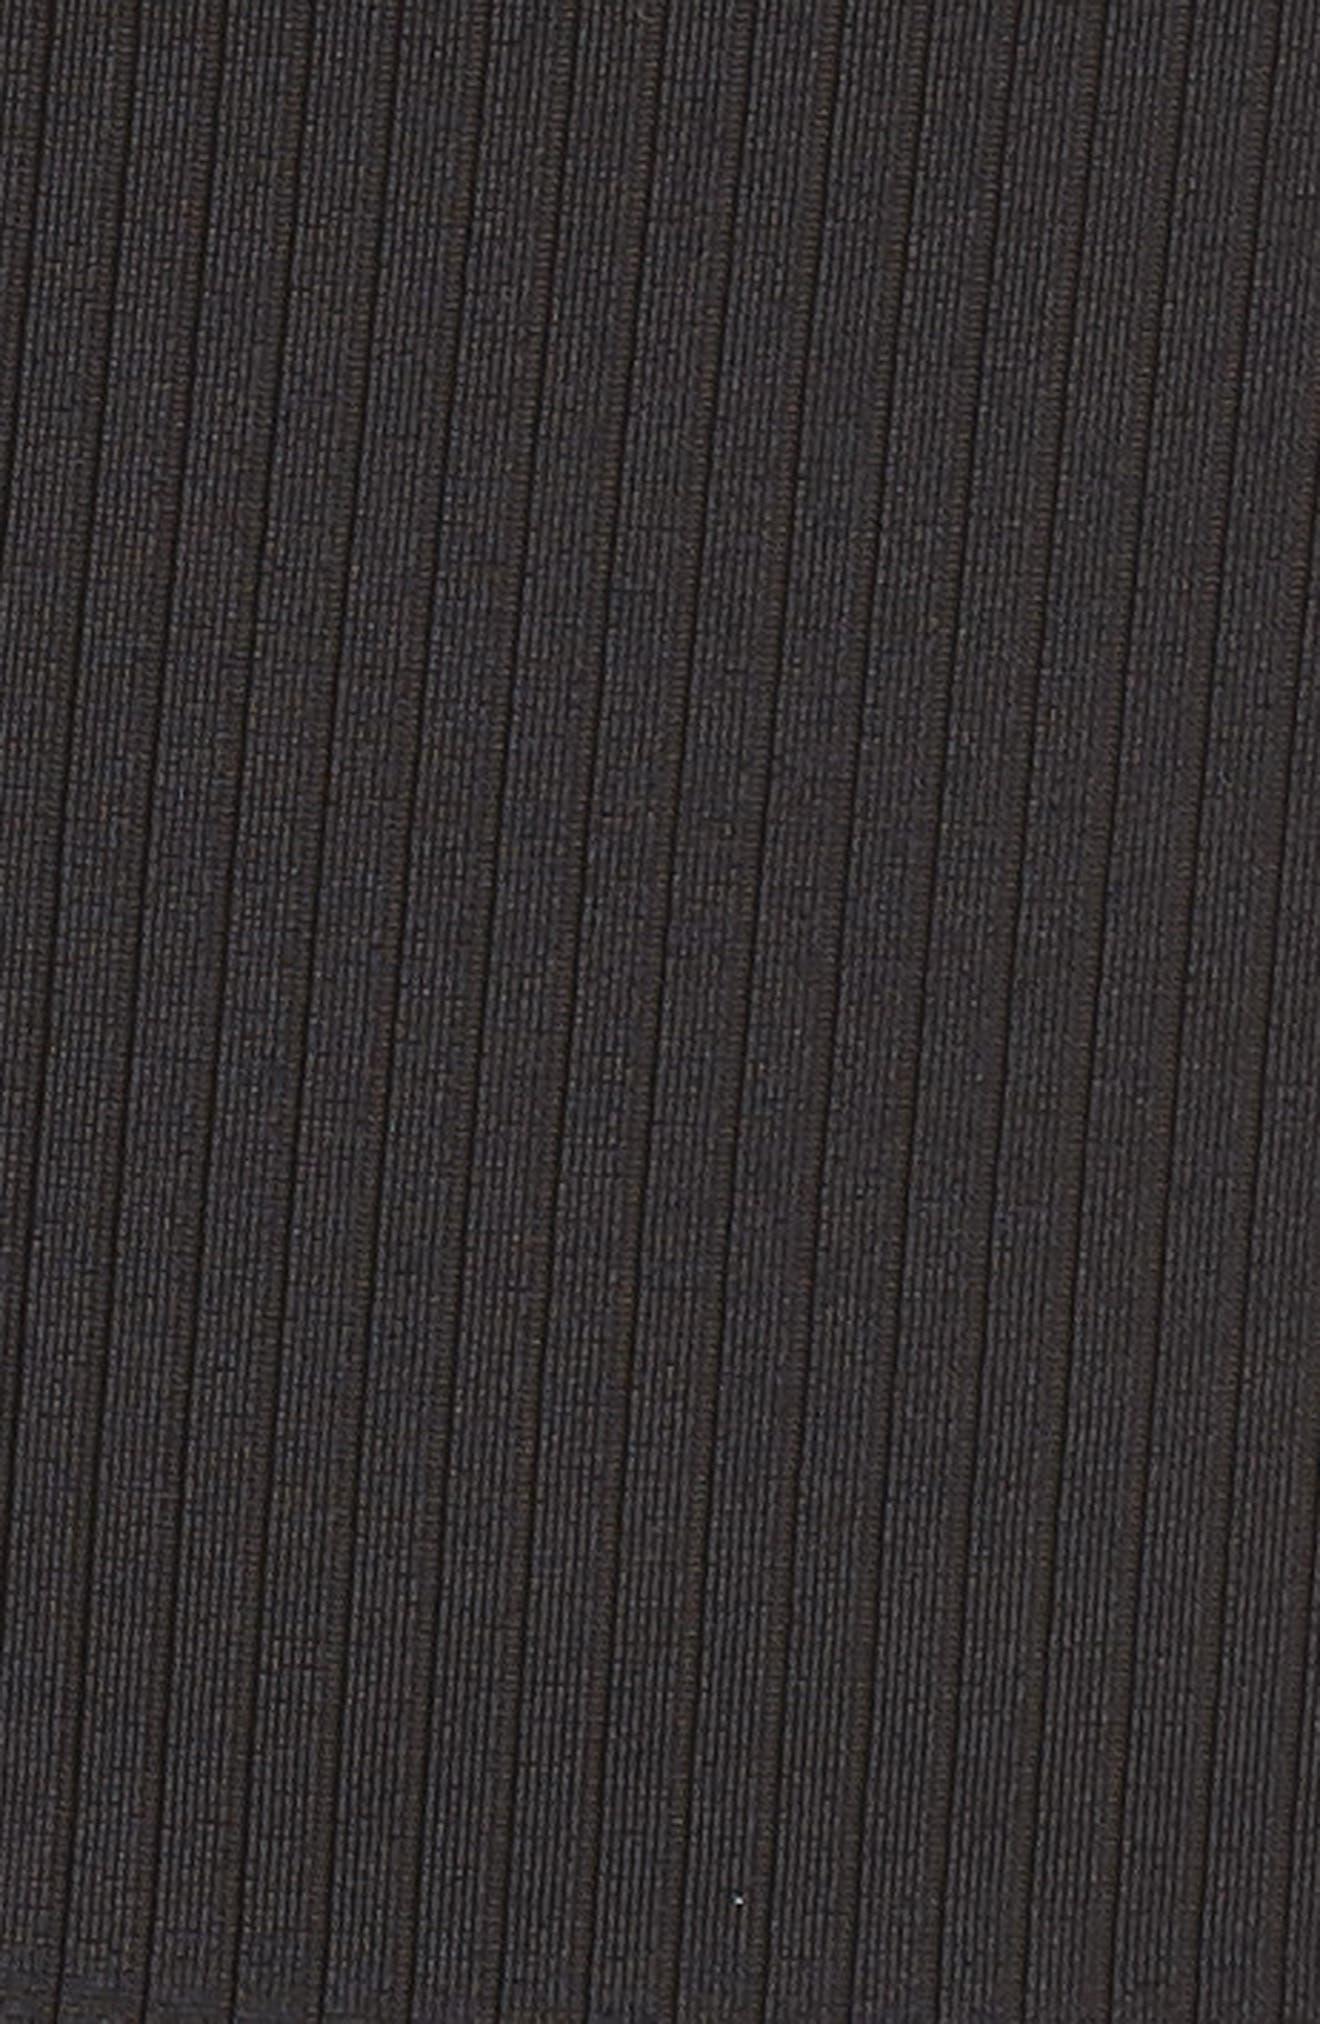 PUMA, Classics Quarter Zip Ribbed Top, Alternate thumbnail 6, color, 001